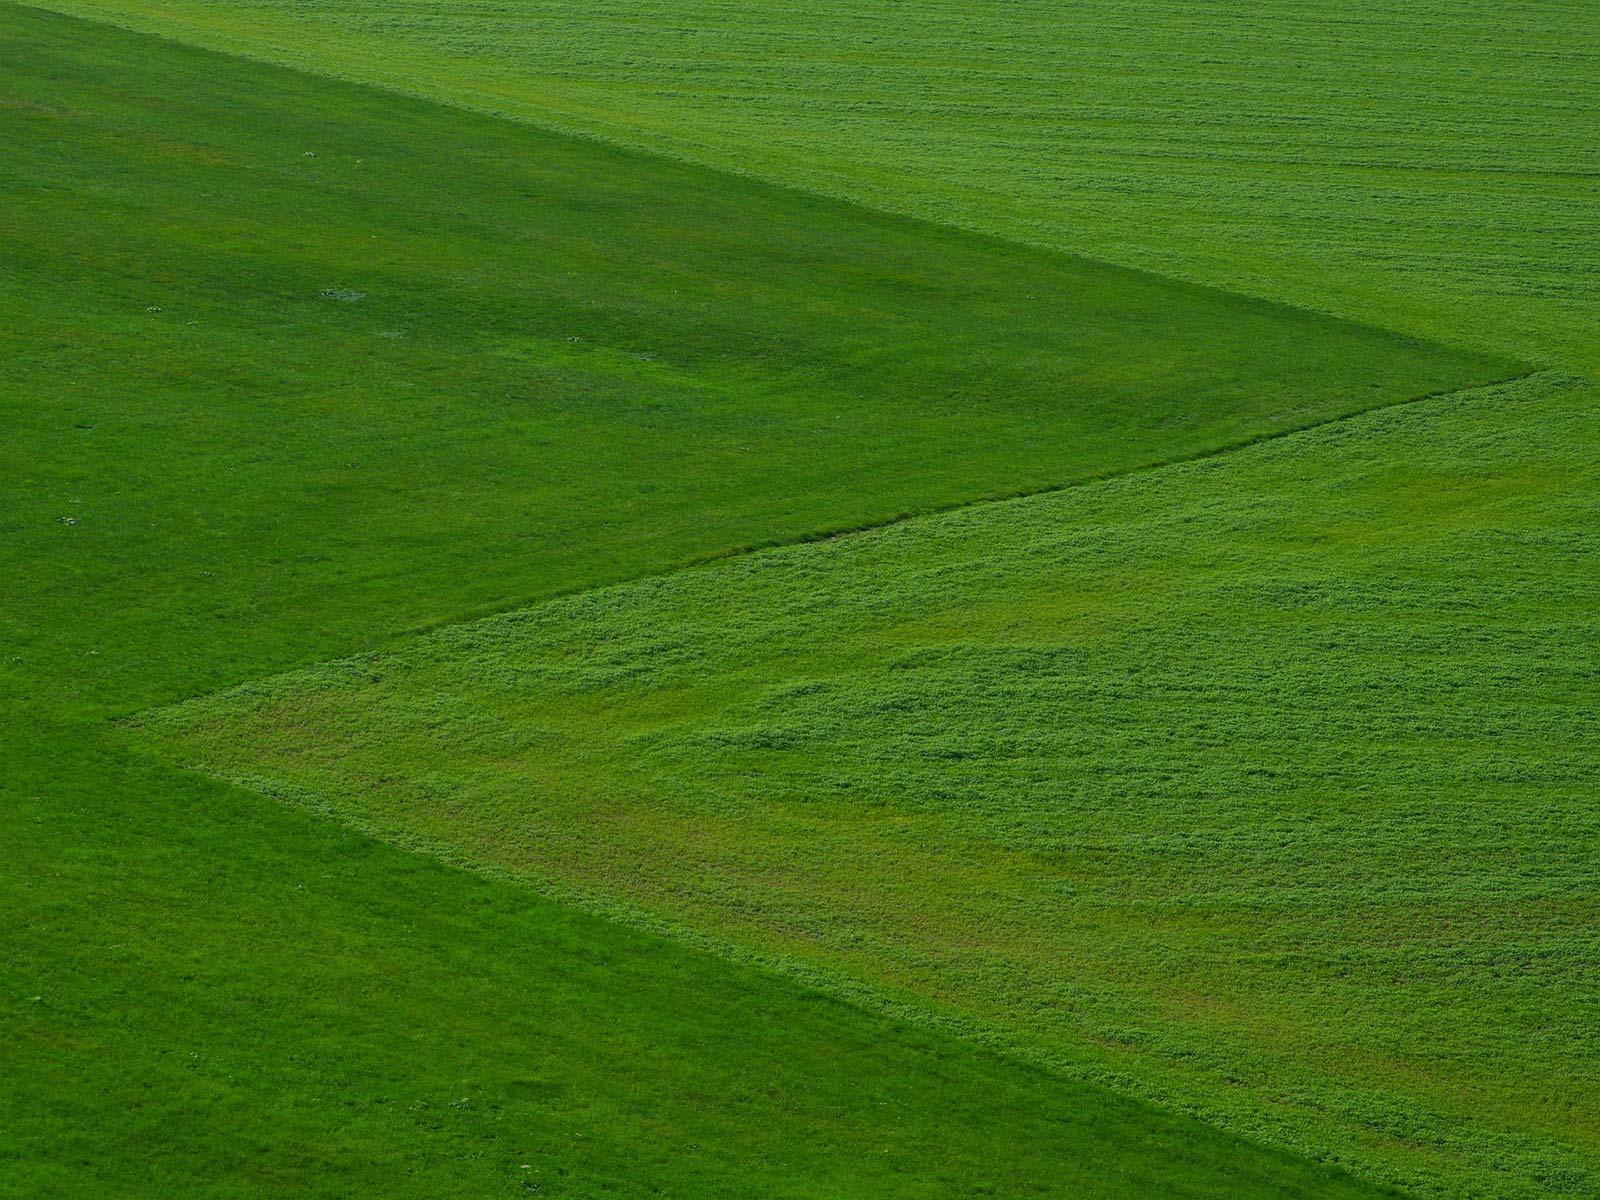 albert valley turf meadow